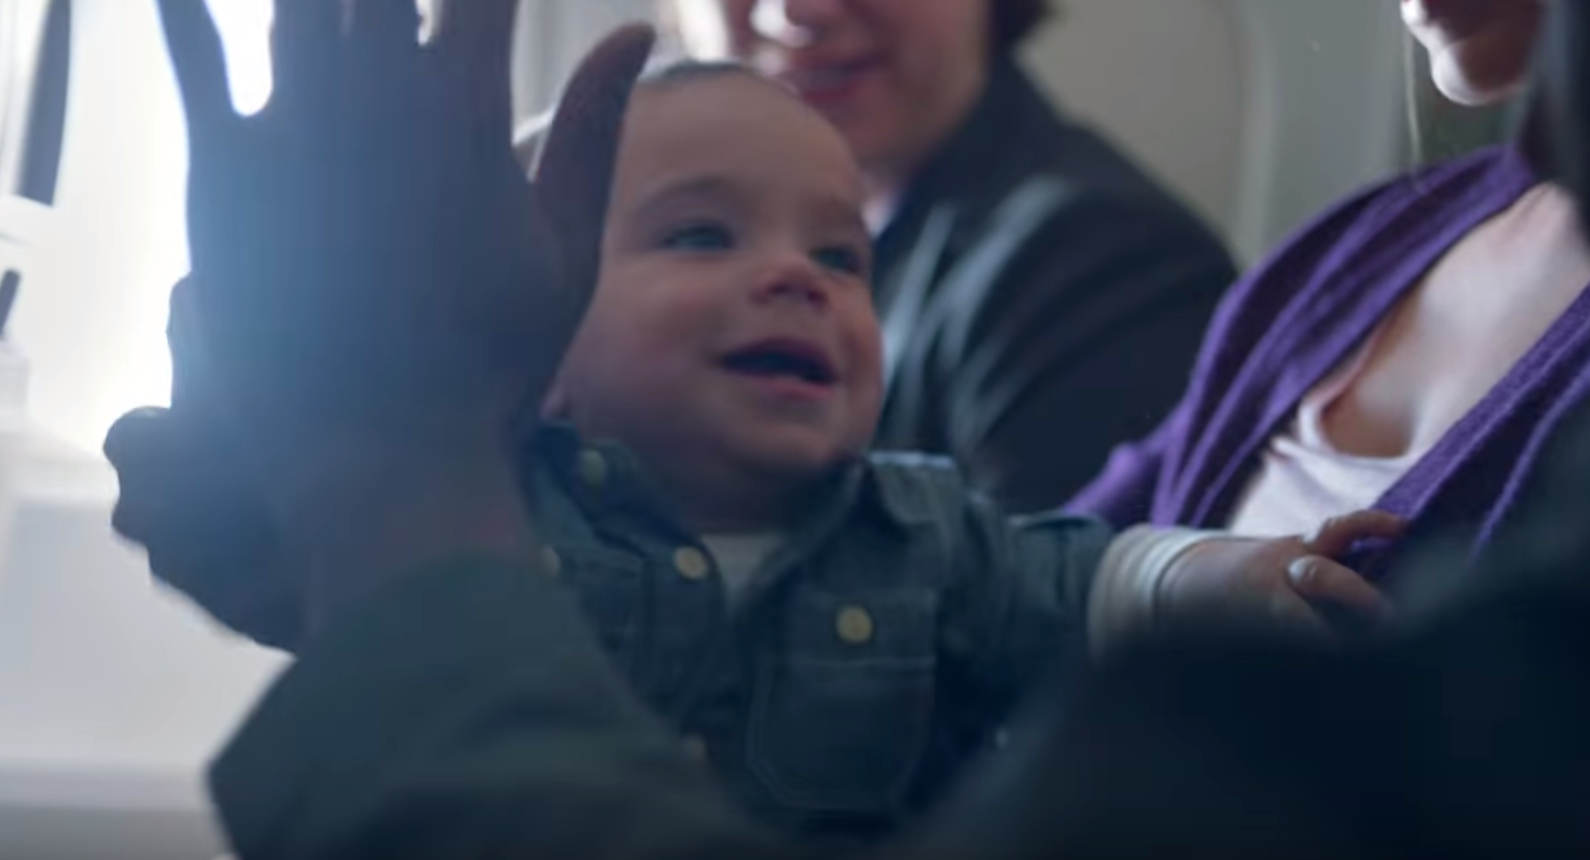 【ナゼ?】機内で赤ちゃんが泣くたびに、乗客全員がハッピーになったワケ